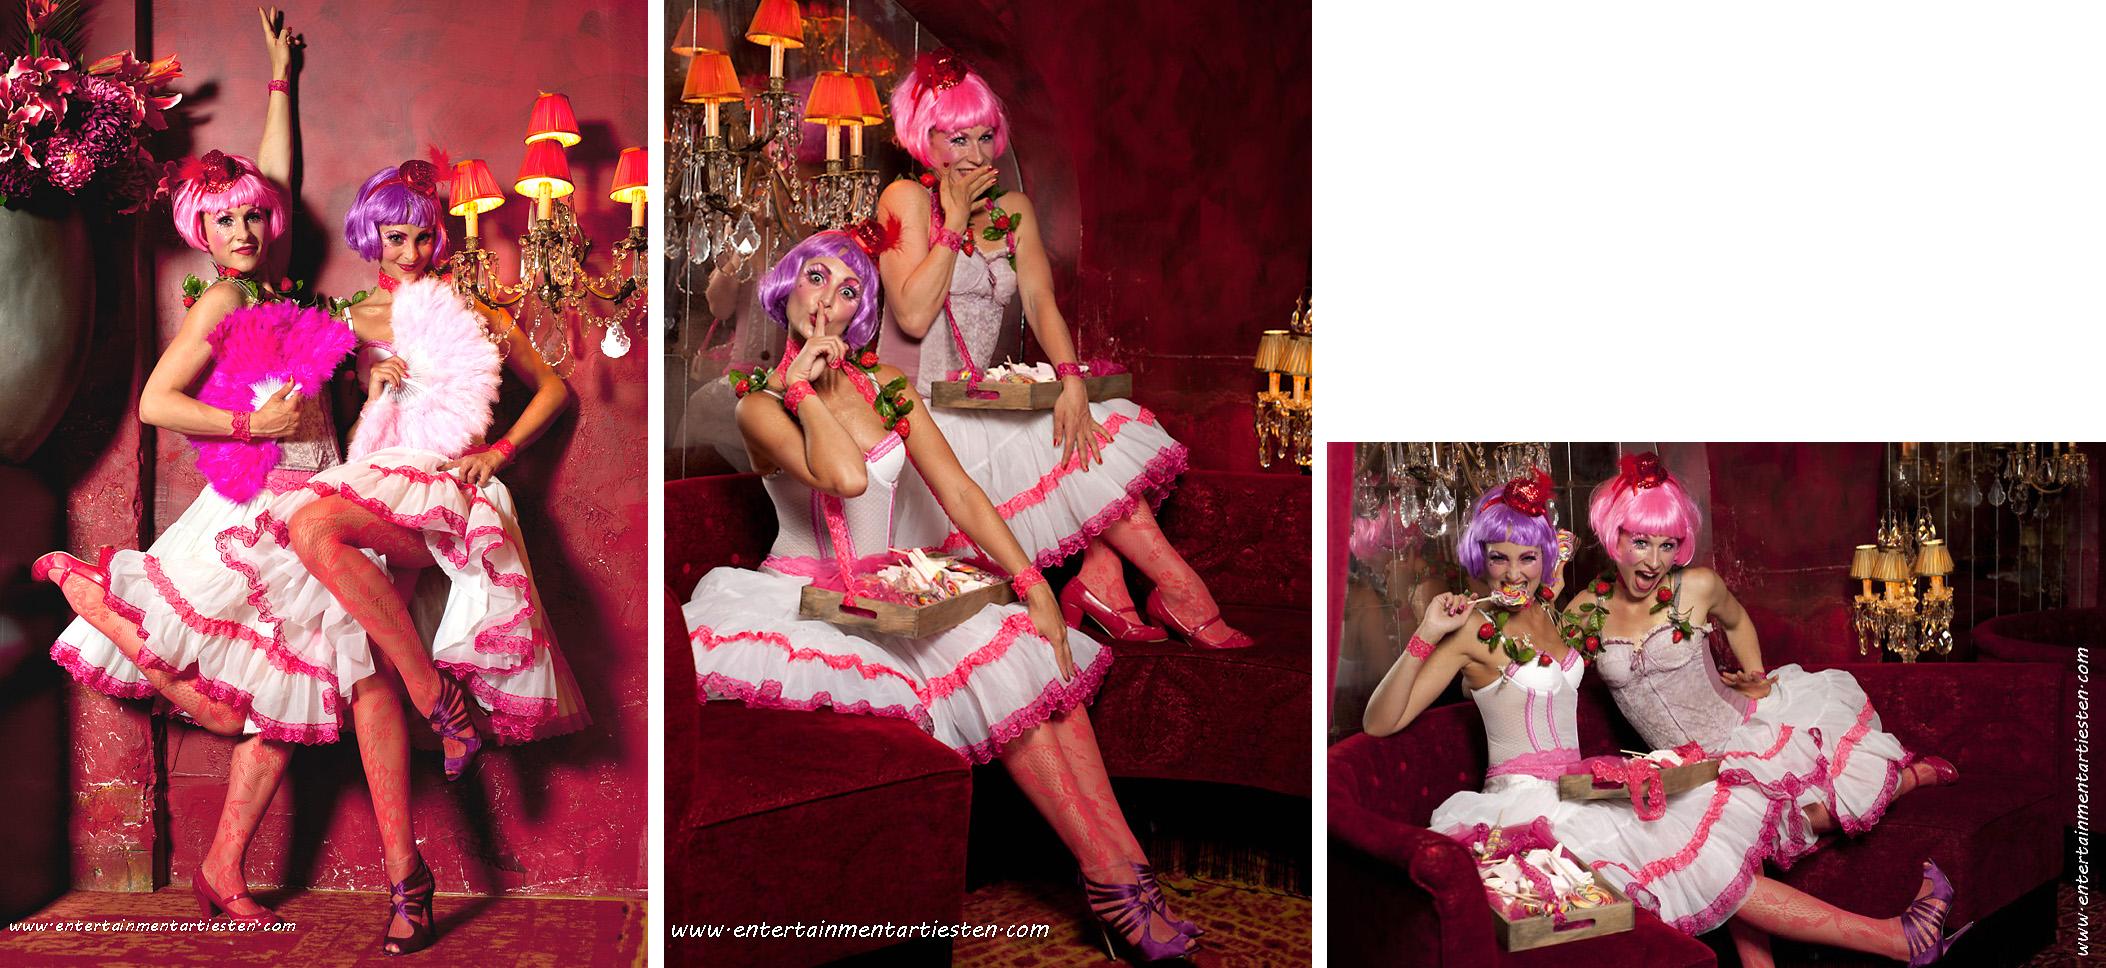 De charmante dames -actrices, verwelkomen u genodigden bij een receptie of feestavond, artiesten inhuren, cateringact, culinair entertainment, artiestenbureau, Govers Evenementen, www.goversartiesten.nl